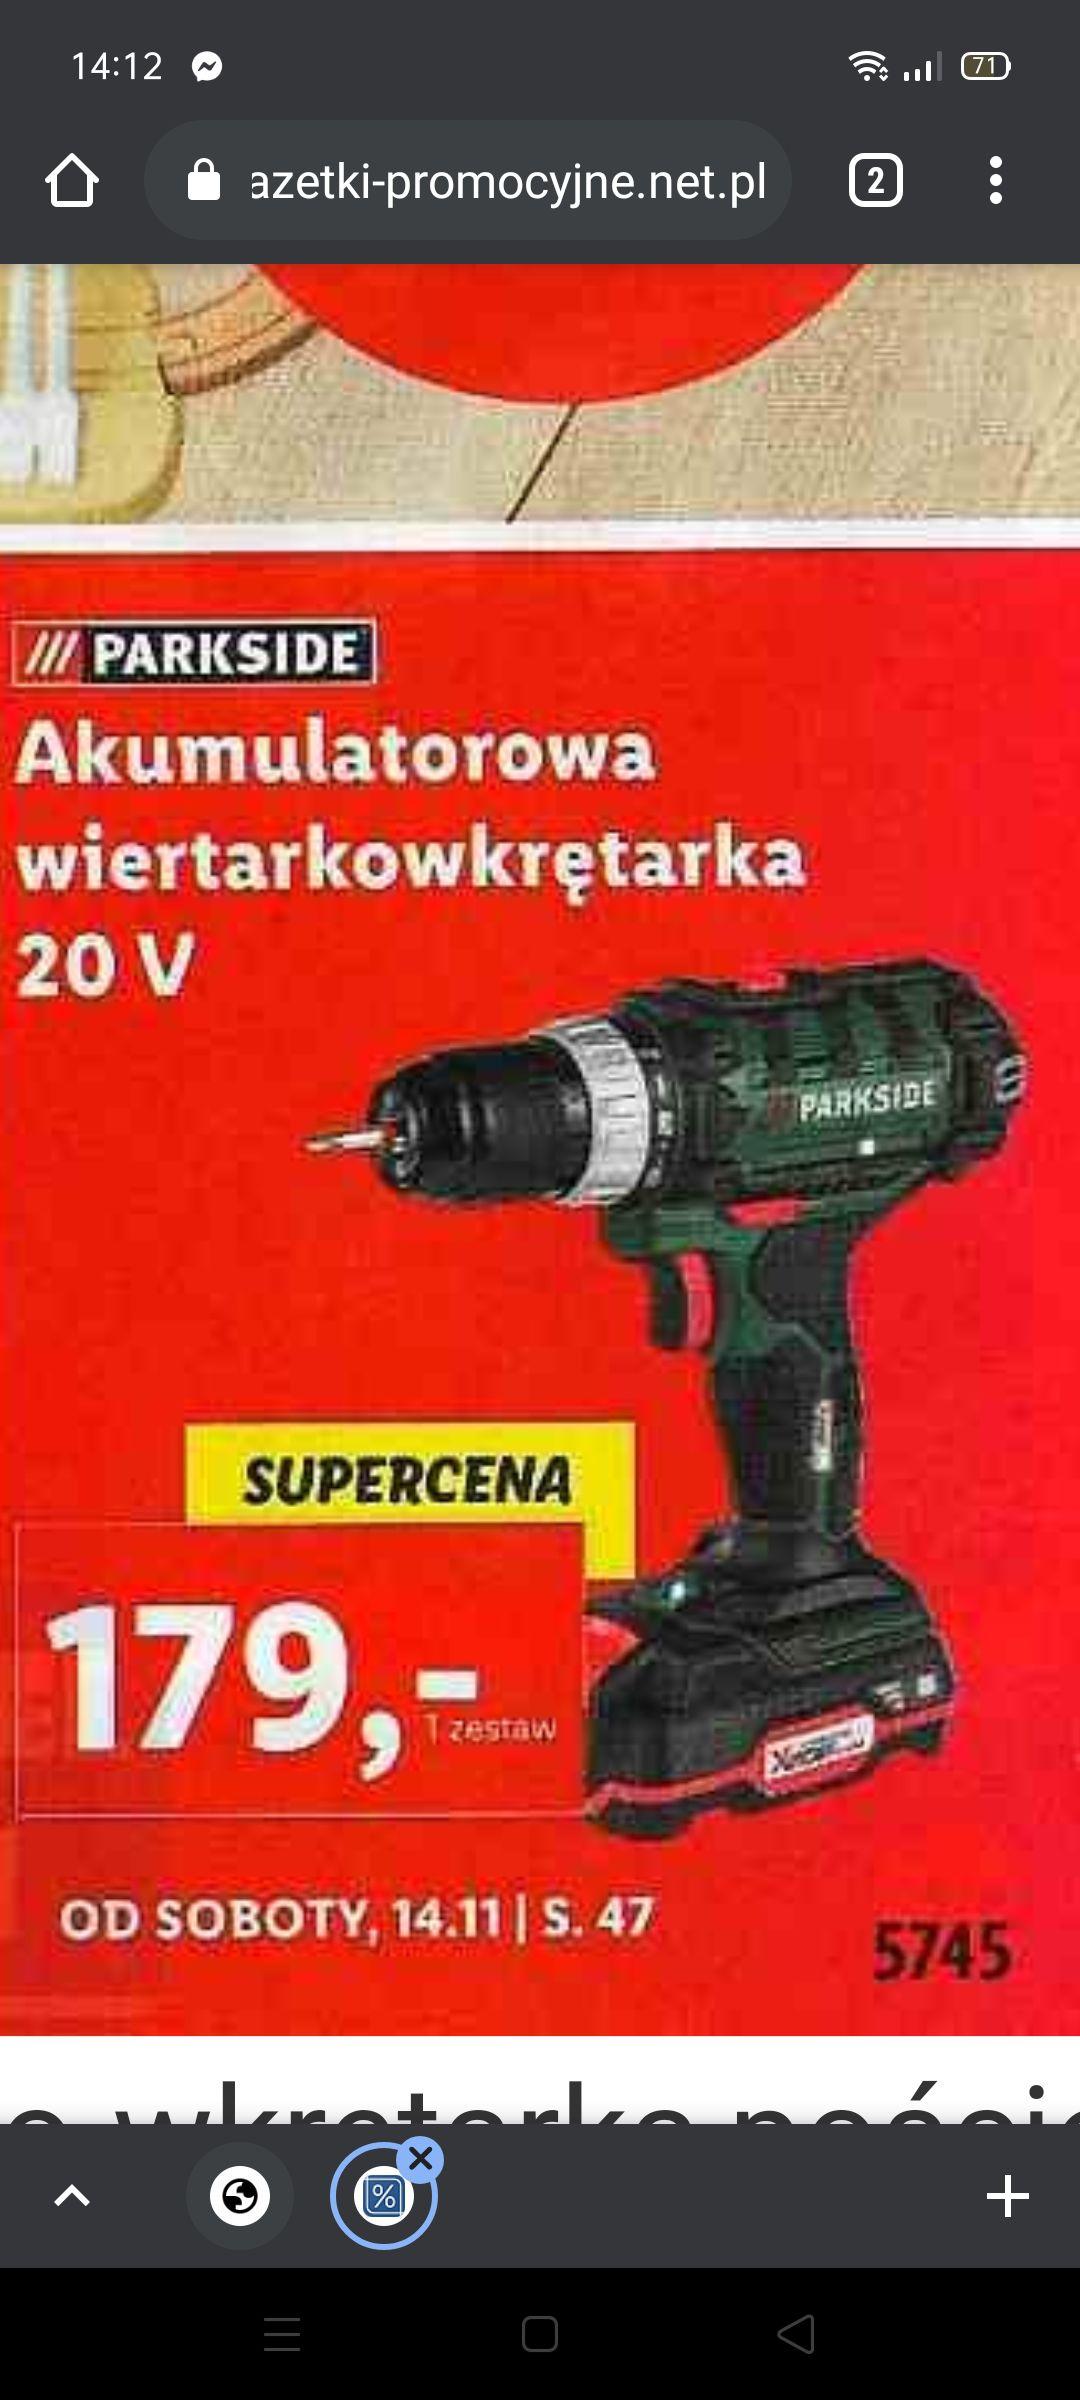 Lidl Akumulatorowa wiertarkowkrętarka 20V